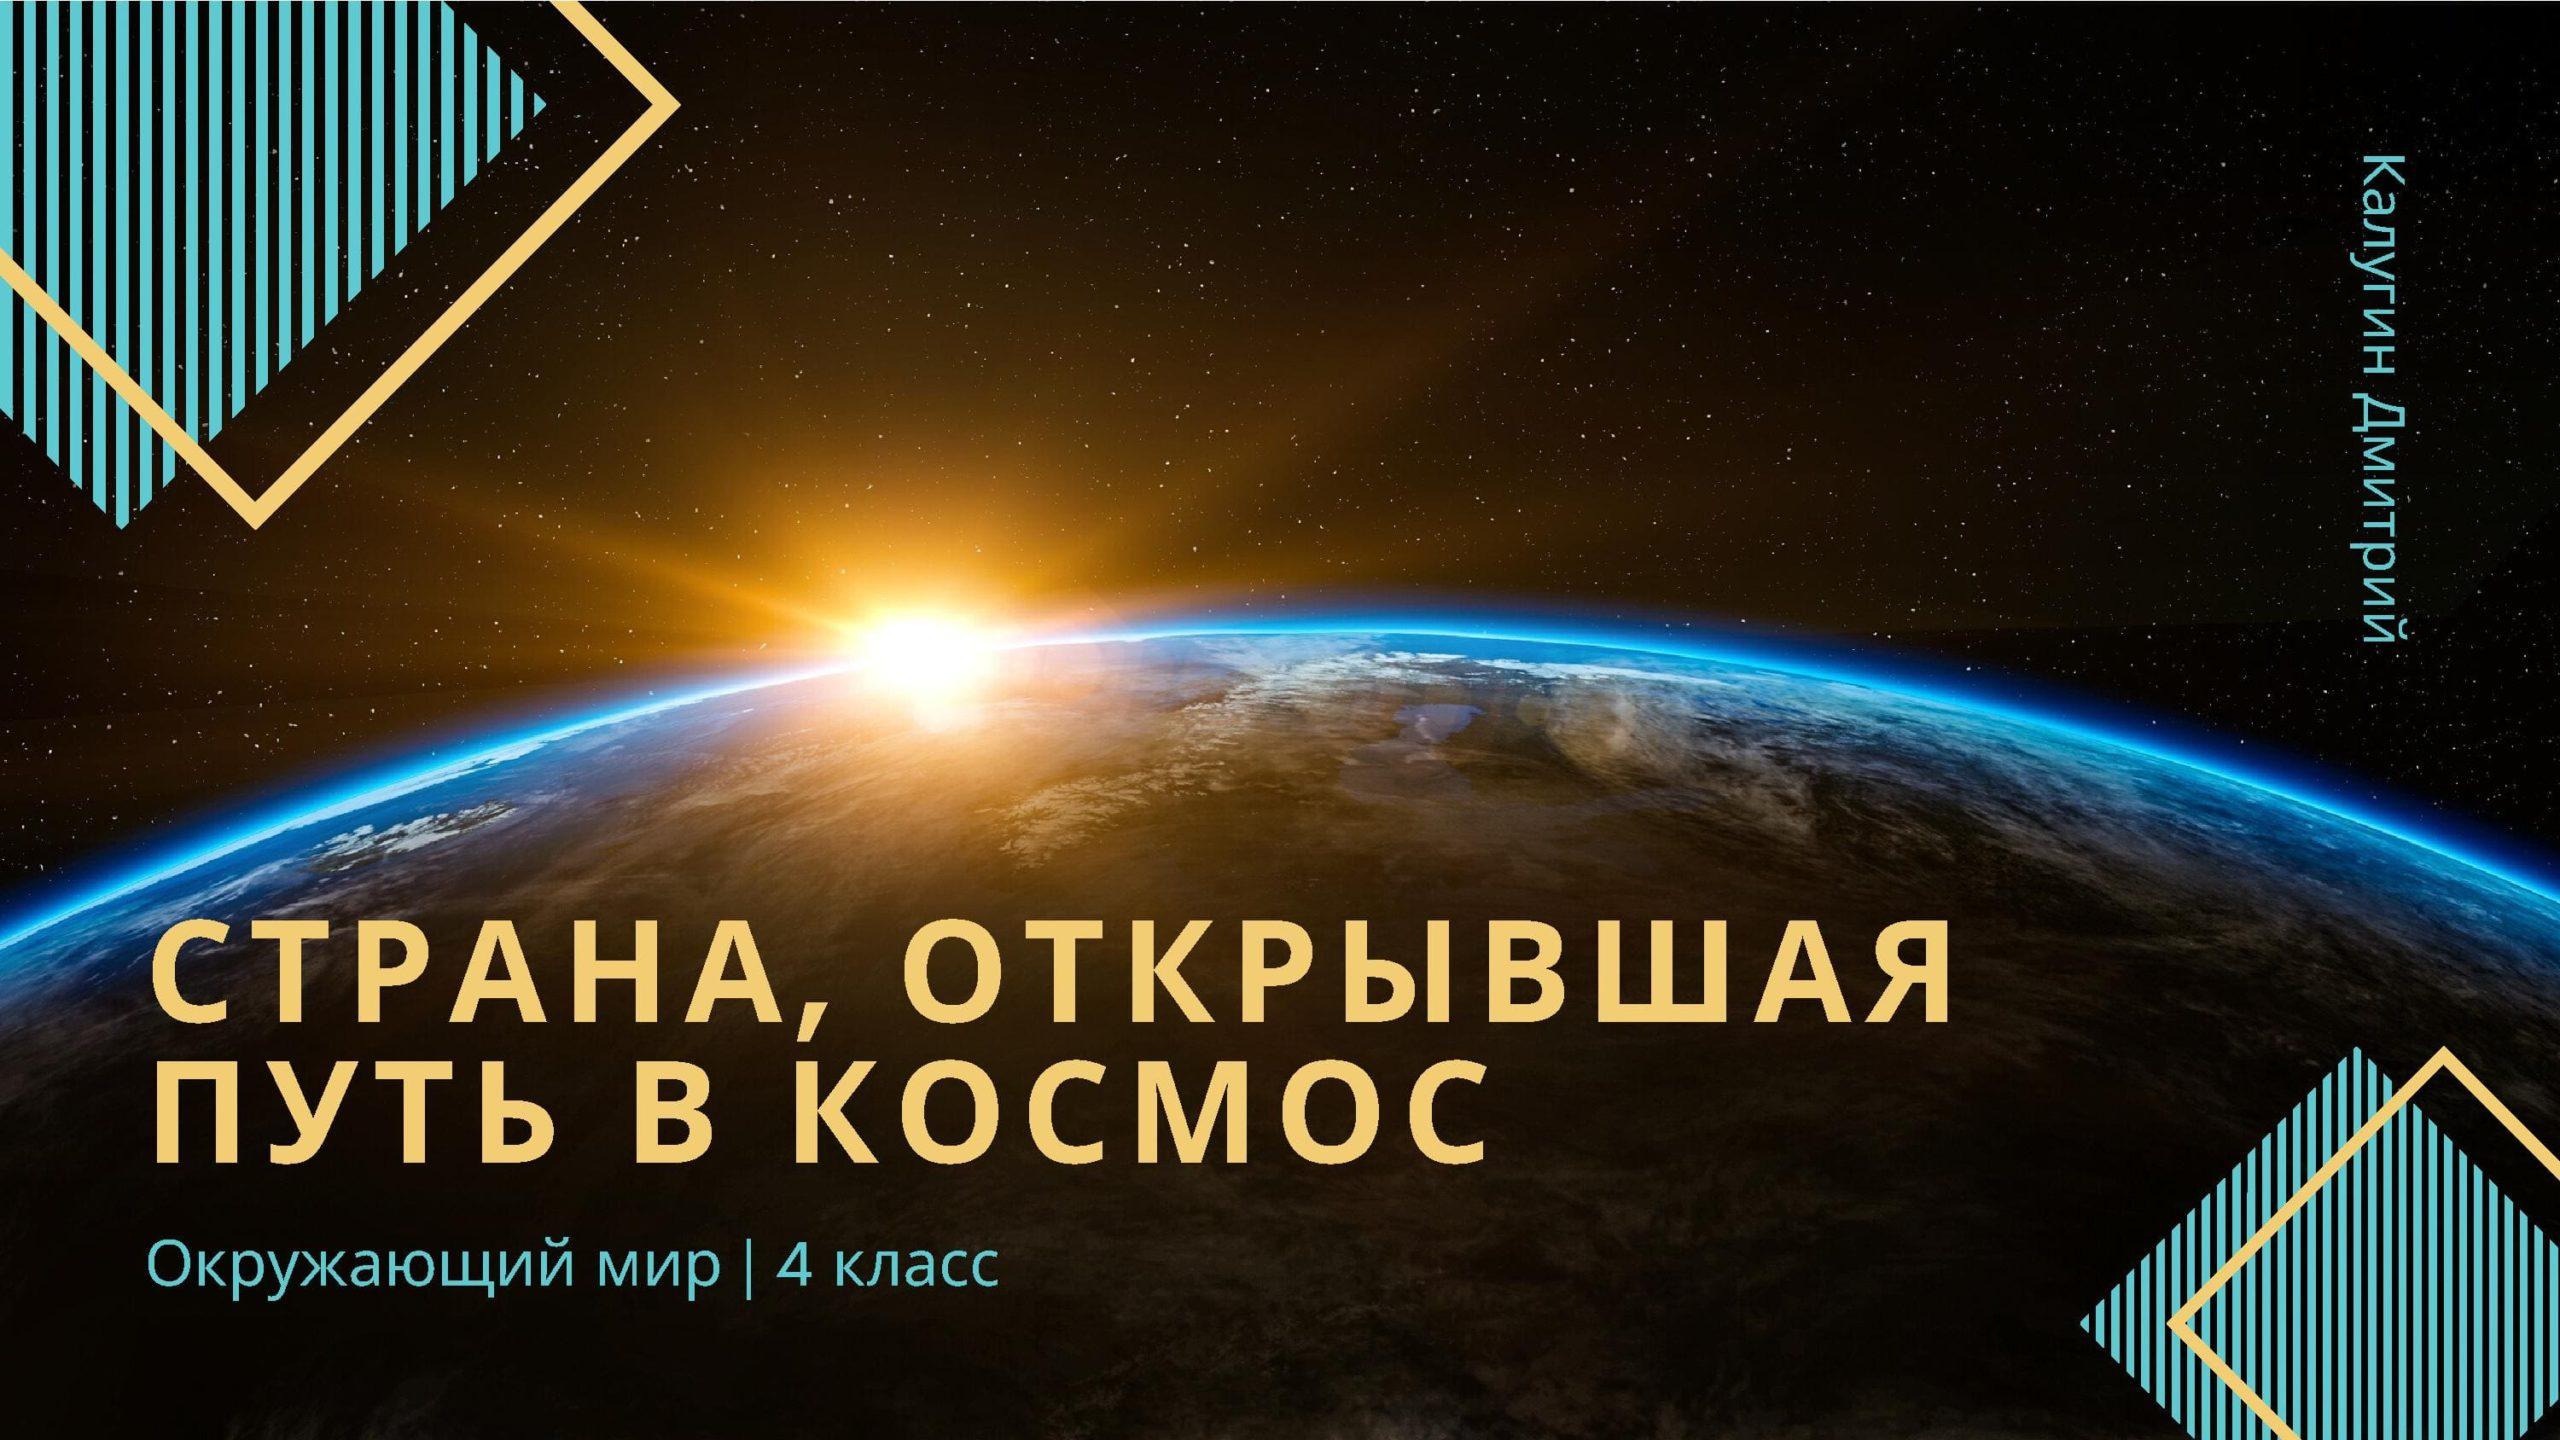 окружающий мир новости космоса